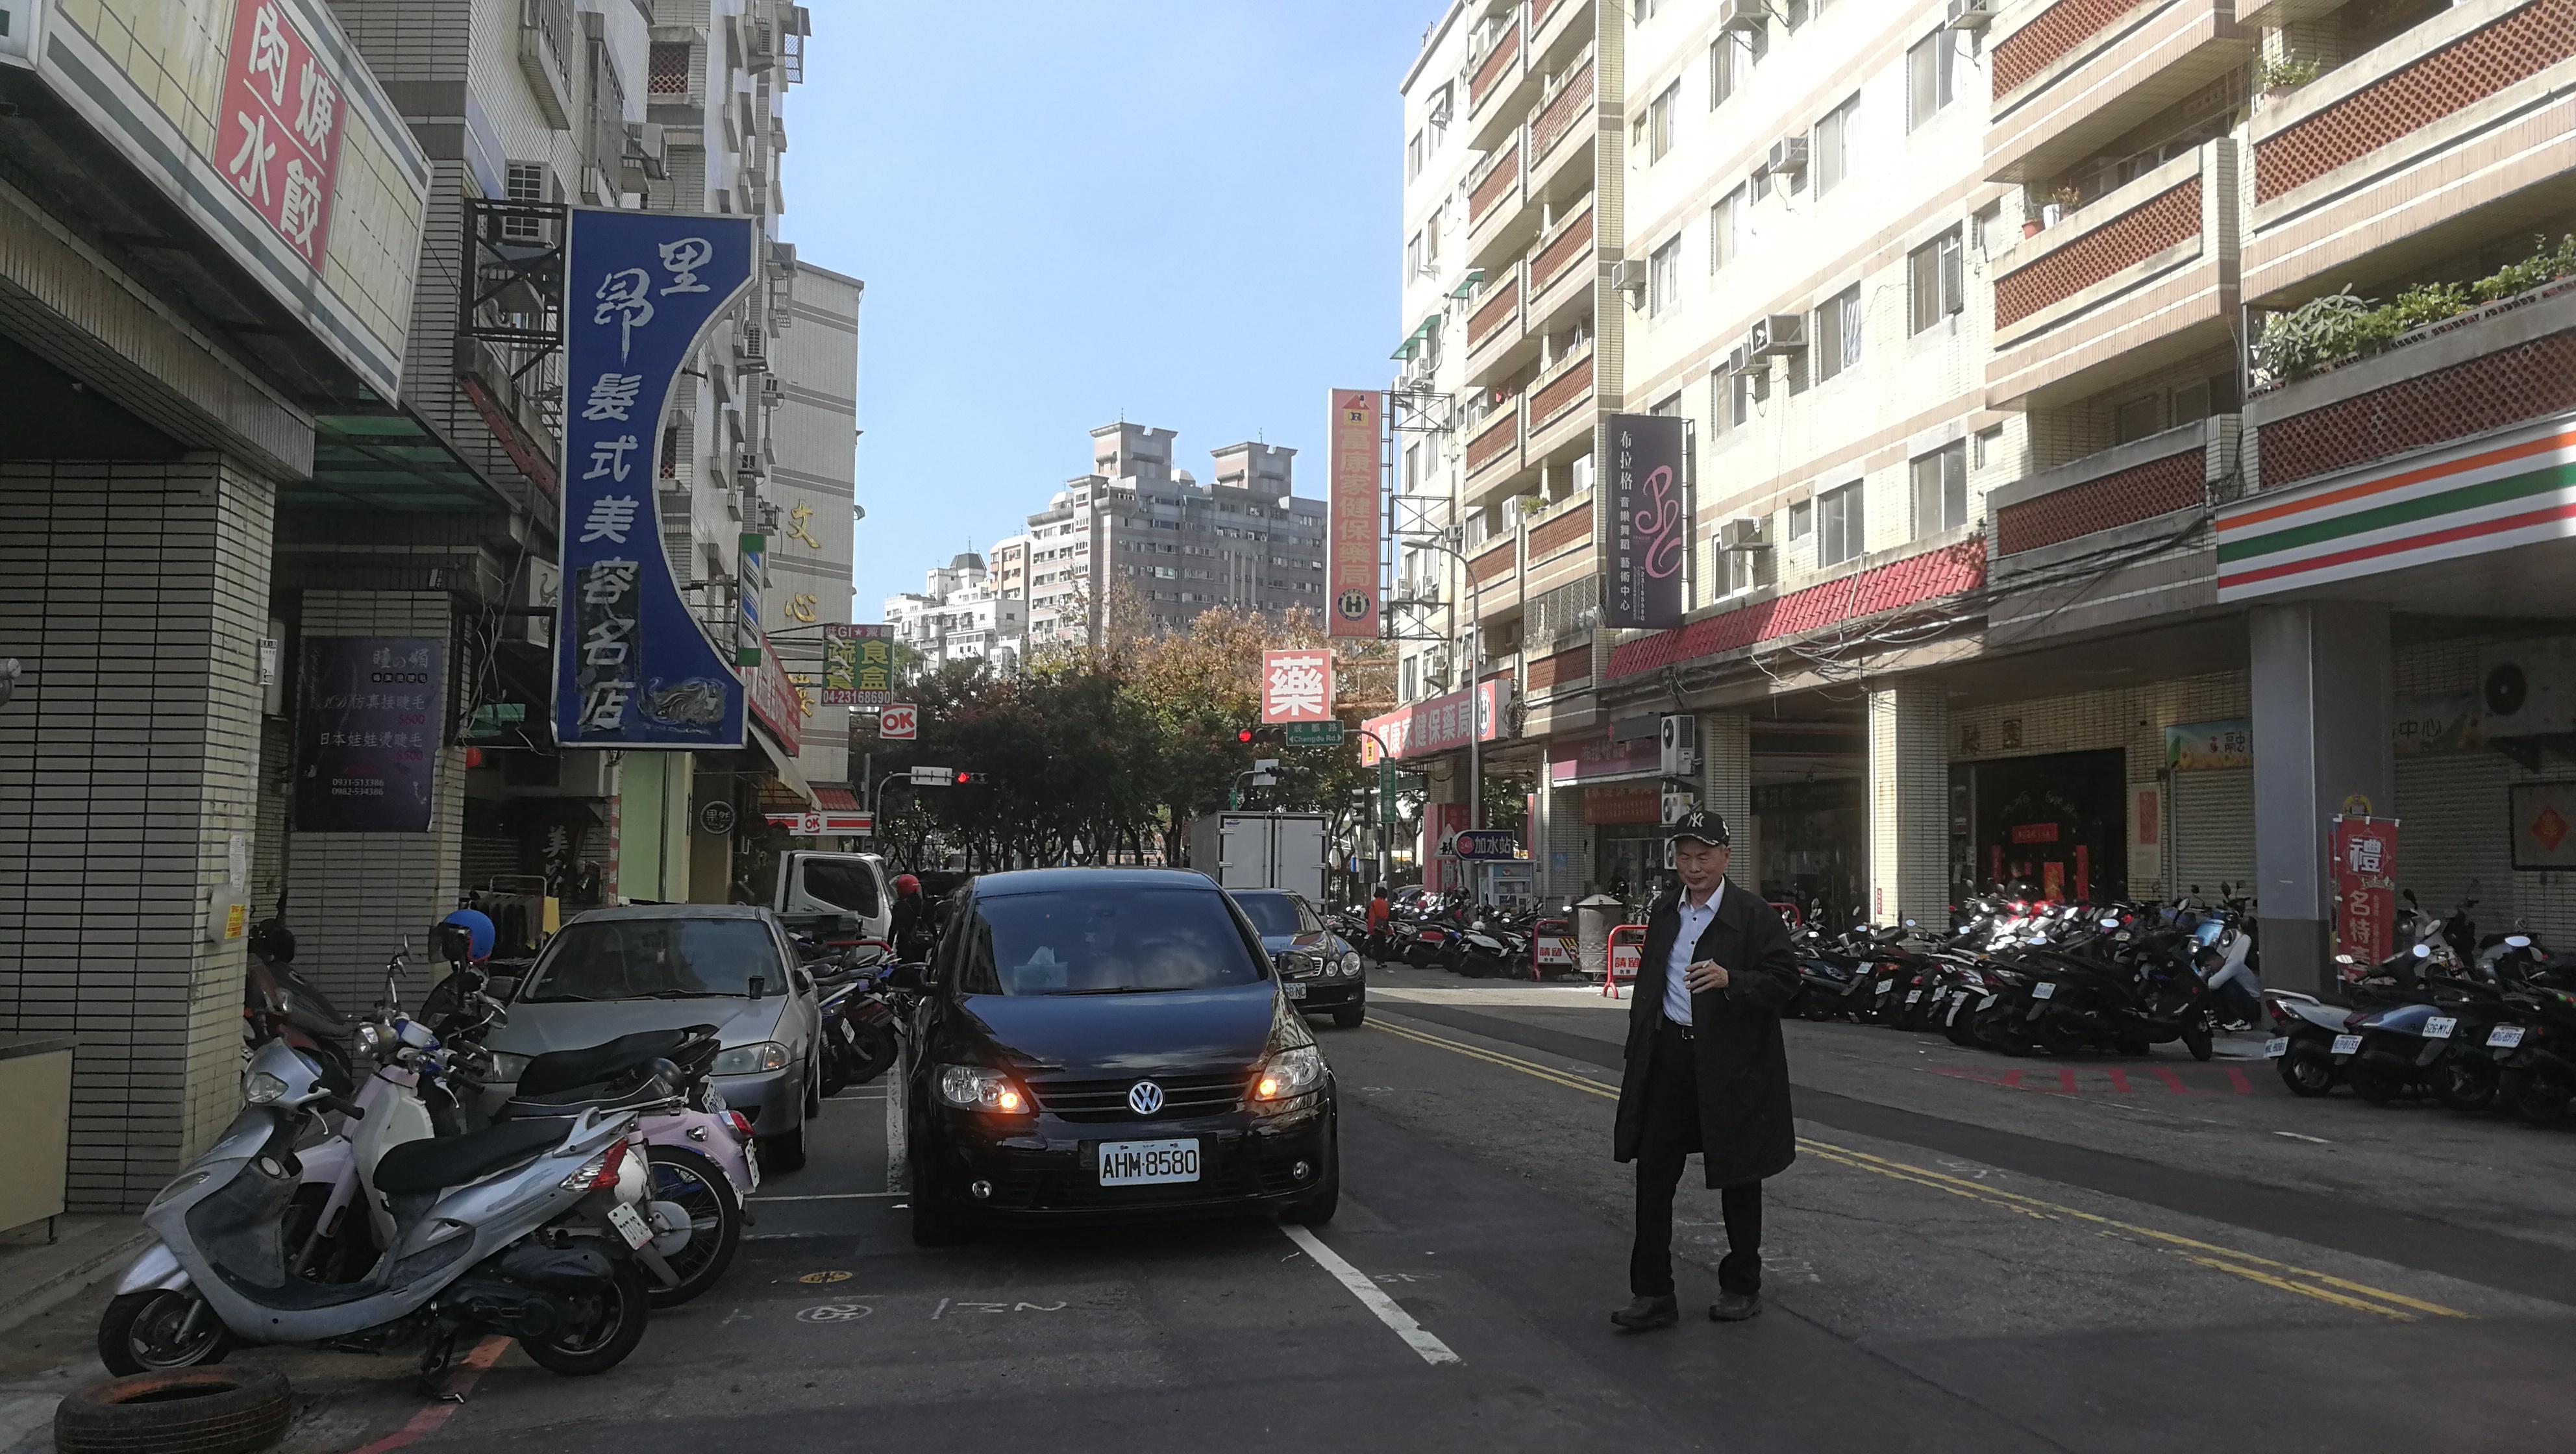 2020年1月23日下午,台中市西屯区某民居街区,我与不戴口罩的老茶司会合。